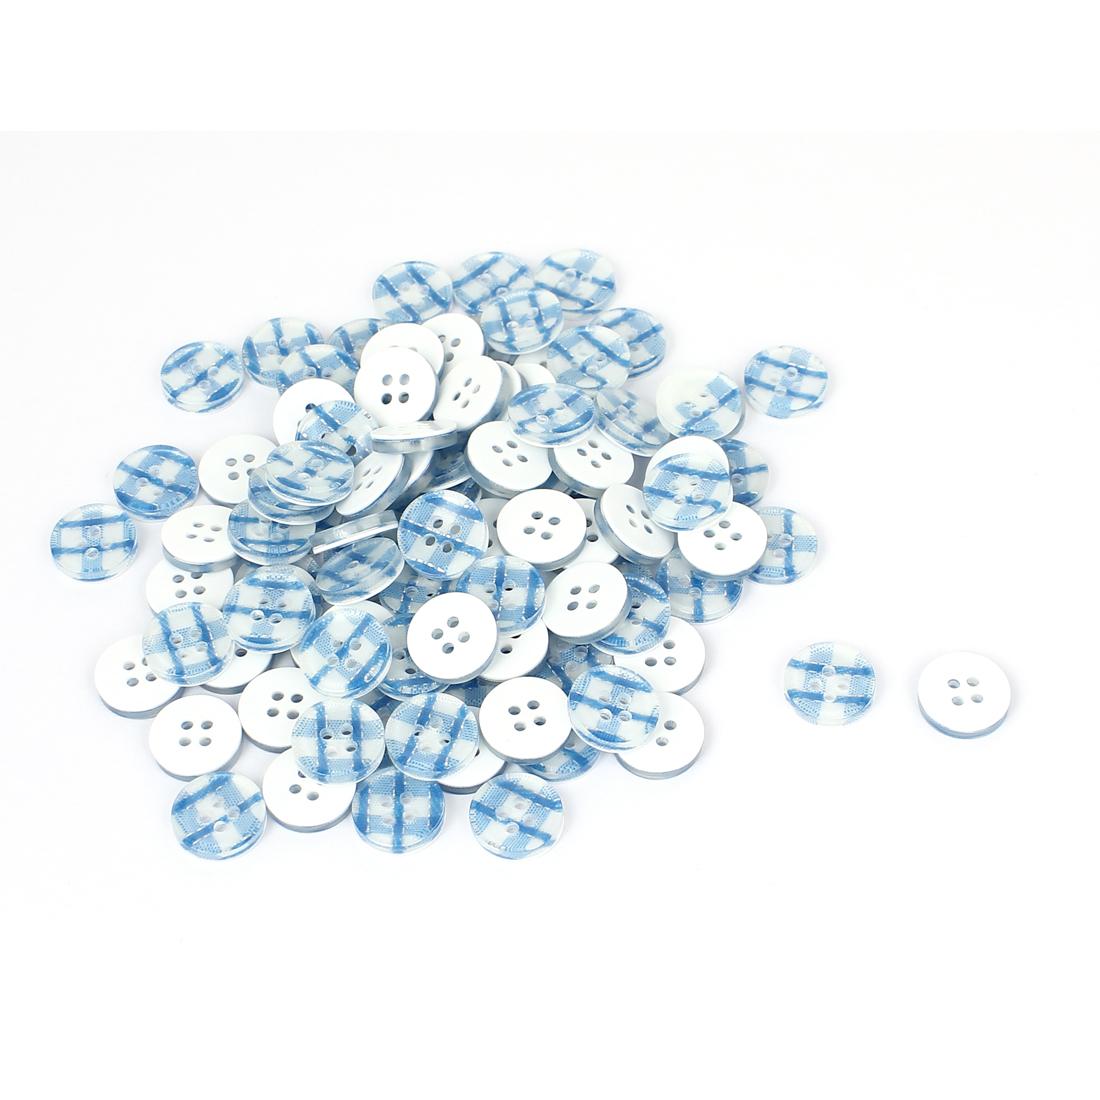 13mm Dia Plastic Round 4-Hole Plaid Shirt Clothes Button Blue White 100pcs